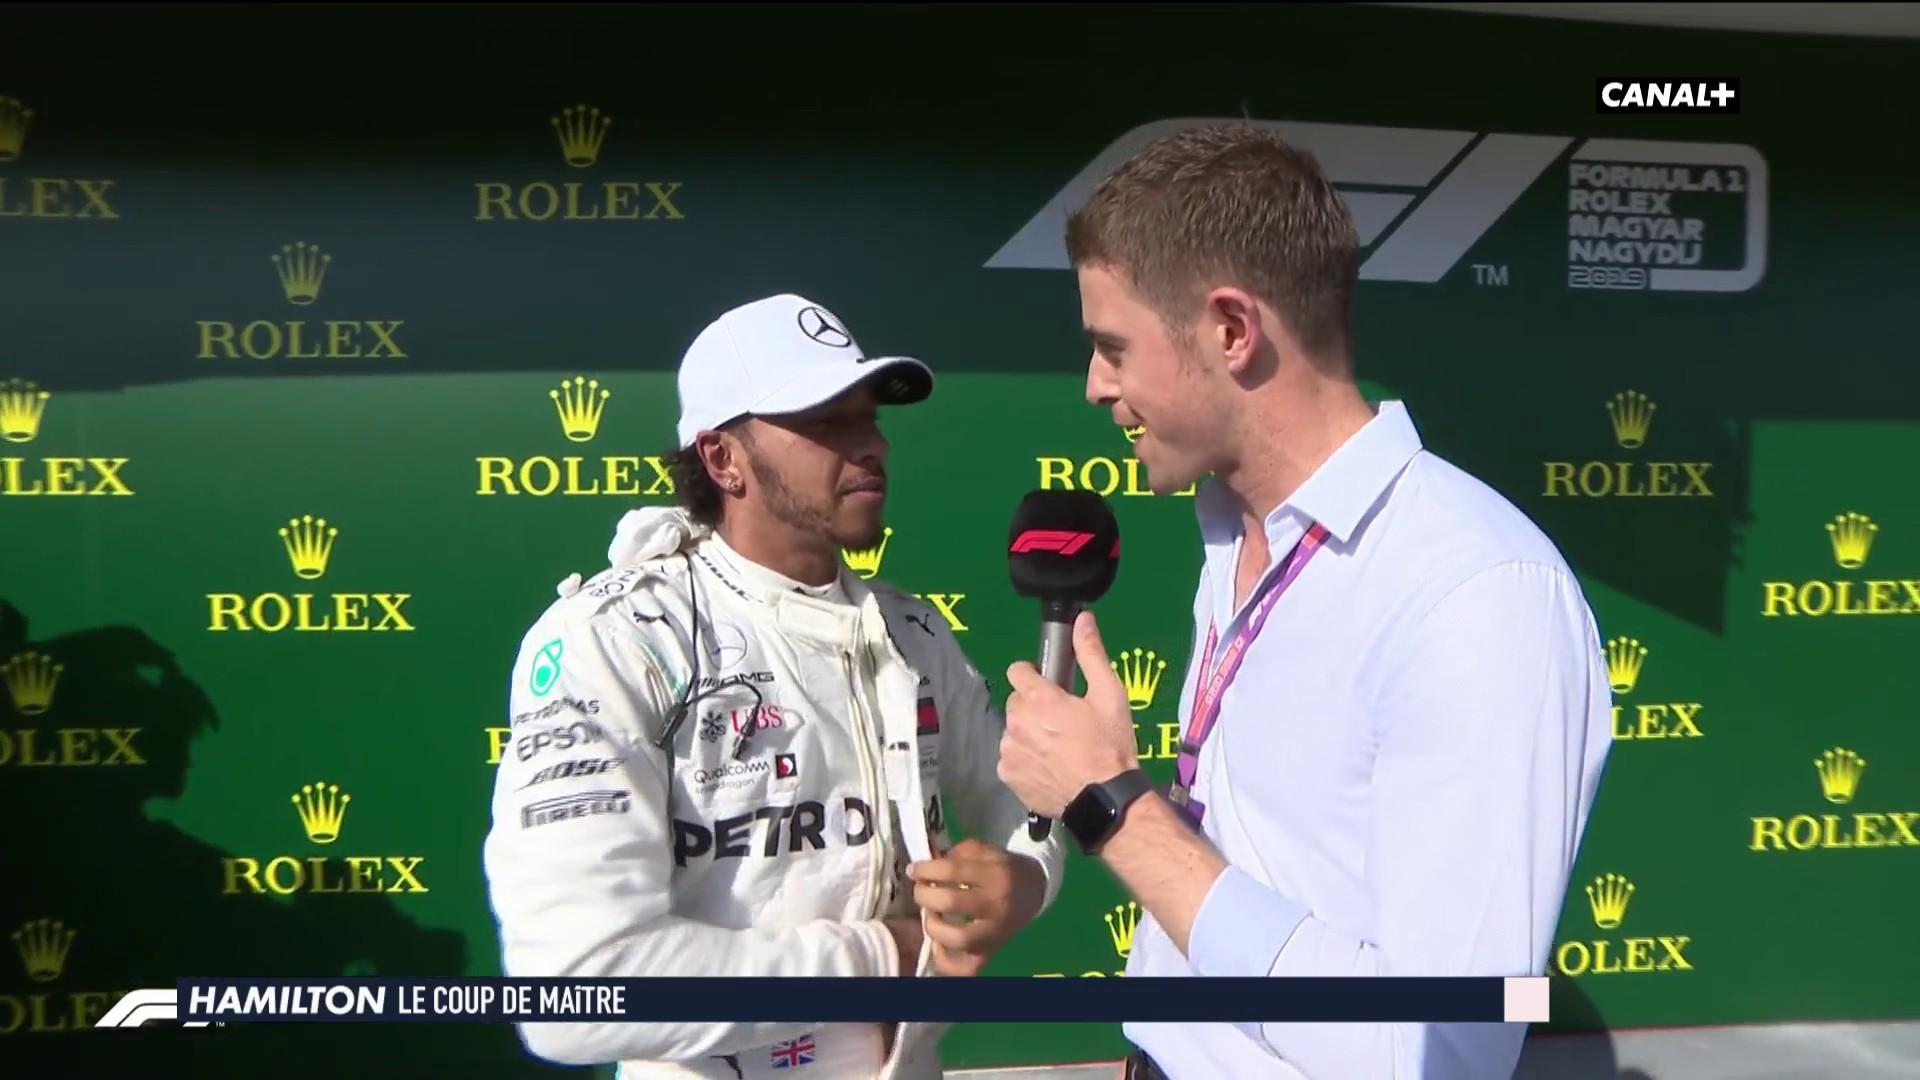 La réaction de Lewis Hamilton